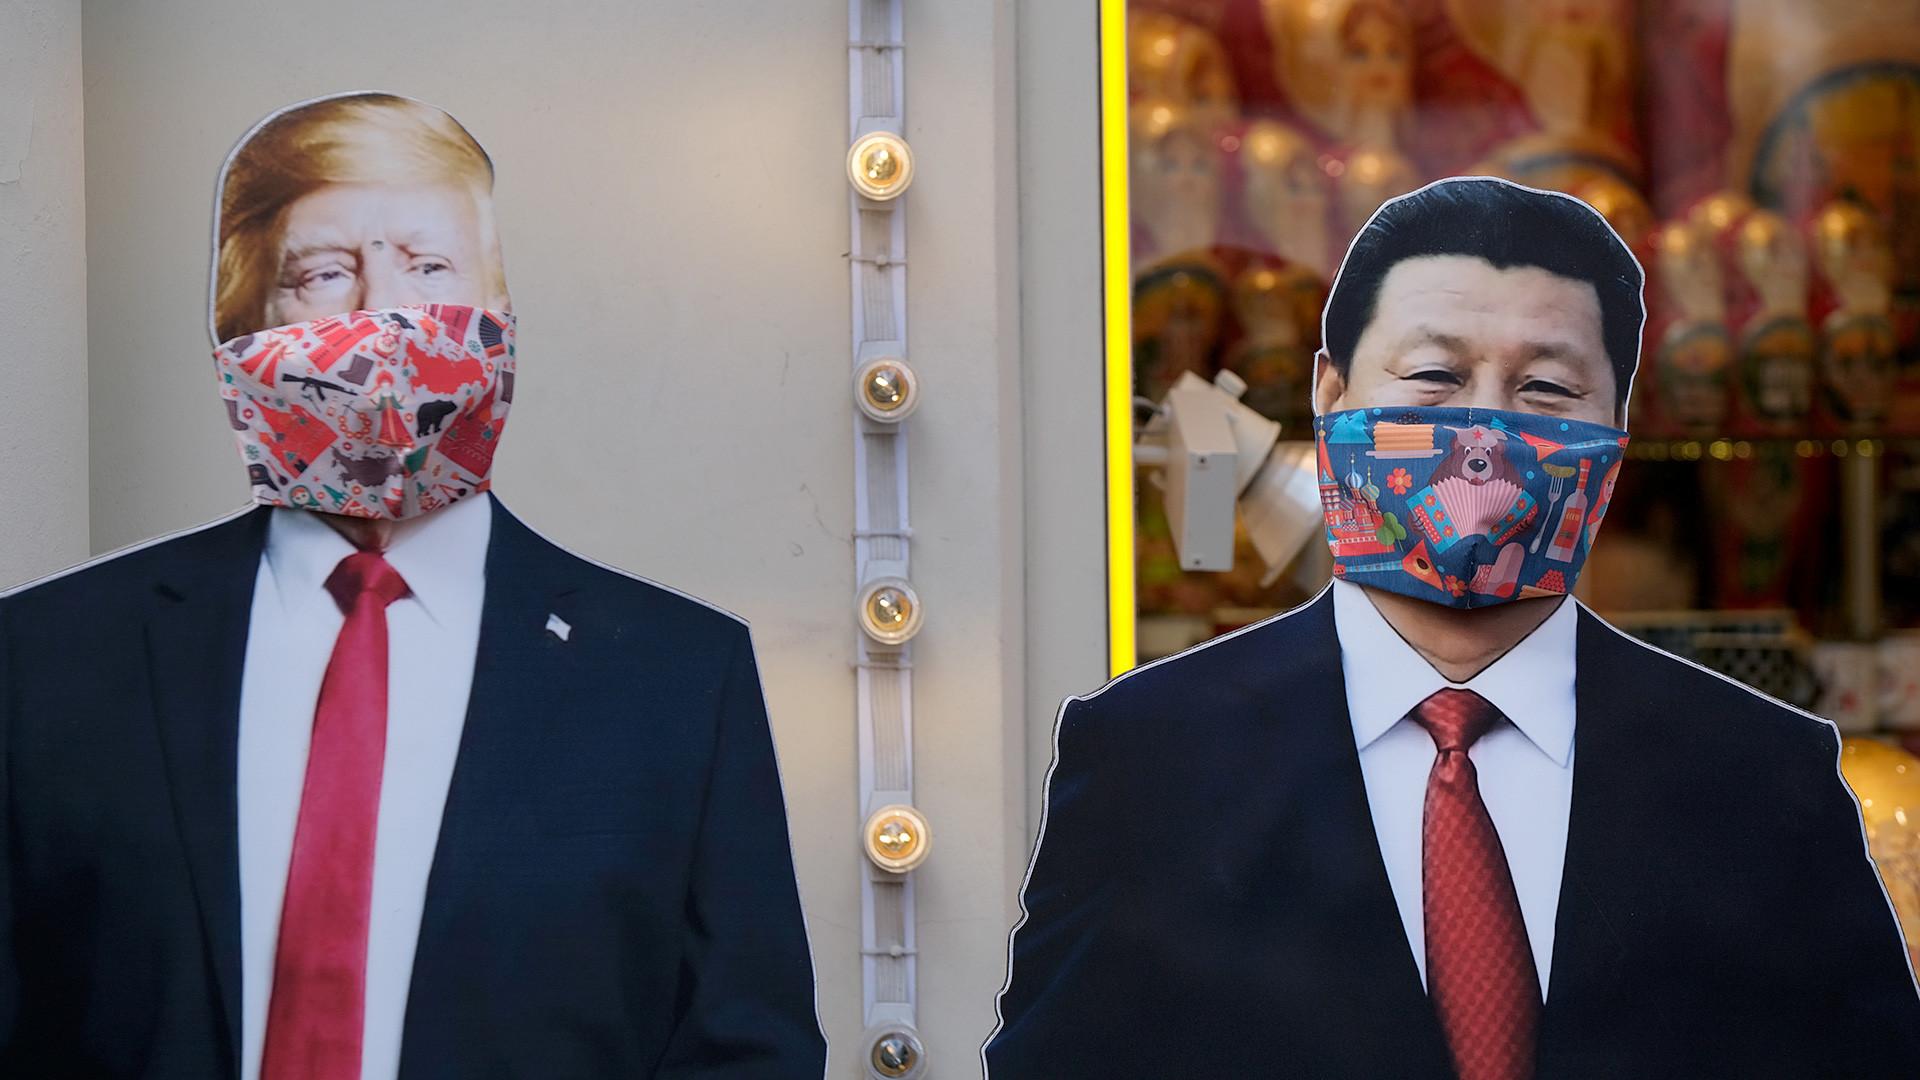 Искројене картонске фотографије америчког председника Доналда Трампа и кинеског лидера Си Ђинпинга са маскама које се користе као превентива против заразе корона вирусом (COVID-19) испред продавнице сувенира у Москви, Русија, 23. март 2020.